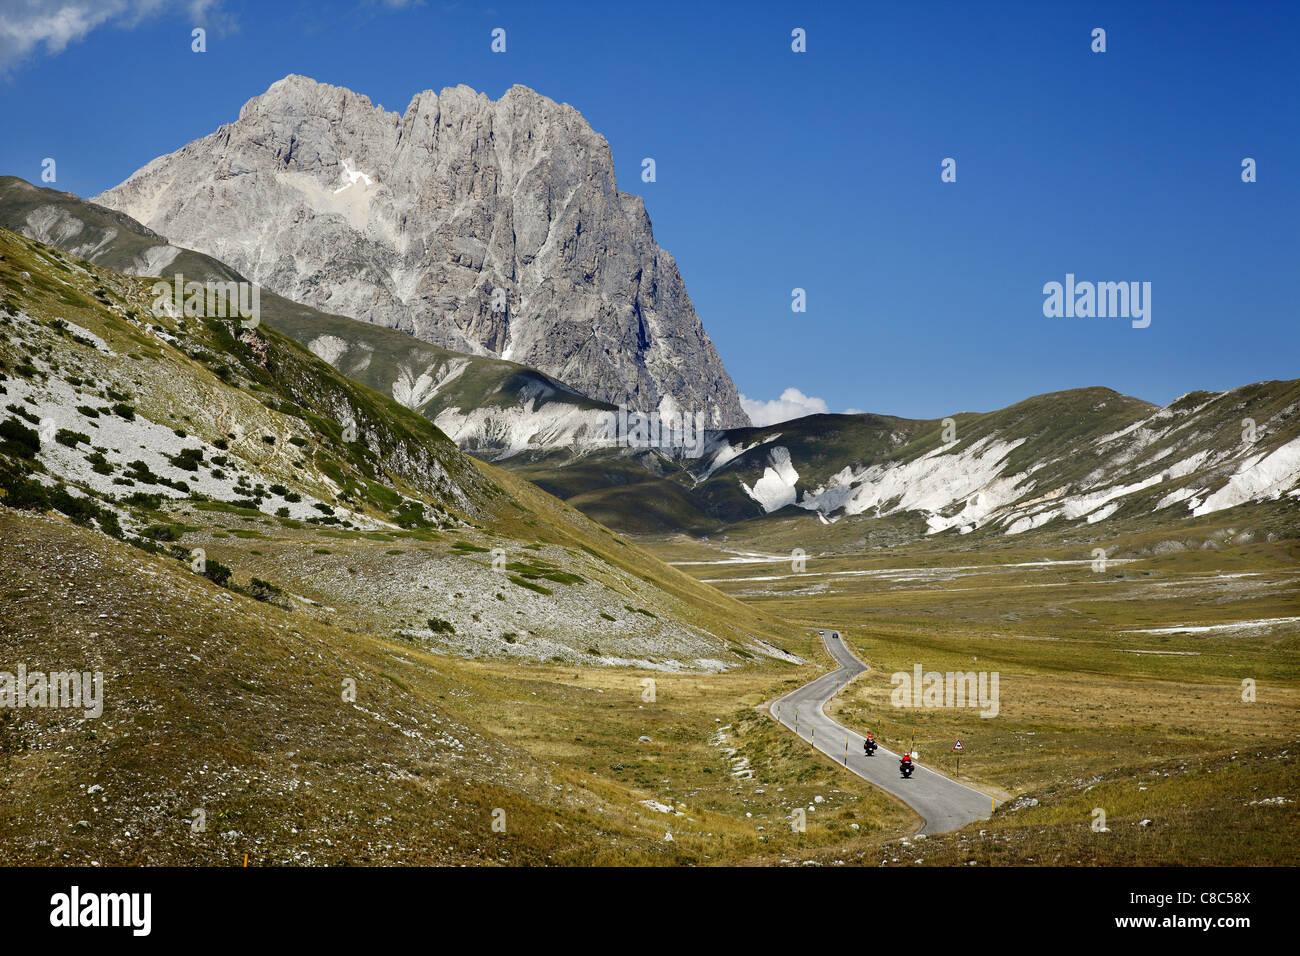 Dans le Campo Imperatore Gran Sasso, Abruzzo, Italie. Dans l'arrière-plan est Corno Grande, plus haute Photo Stock